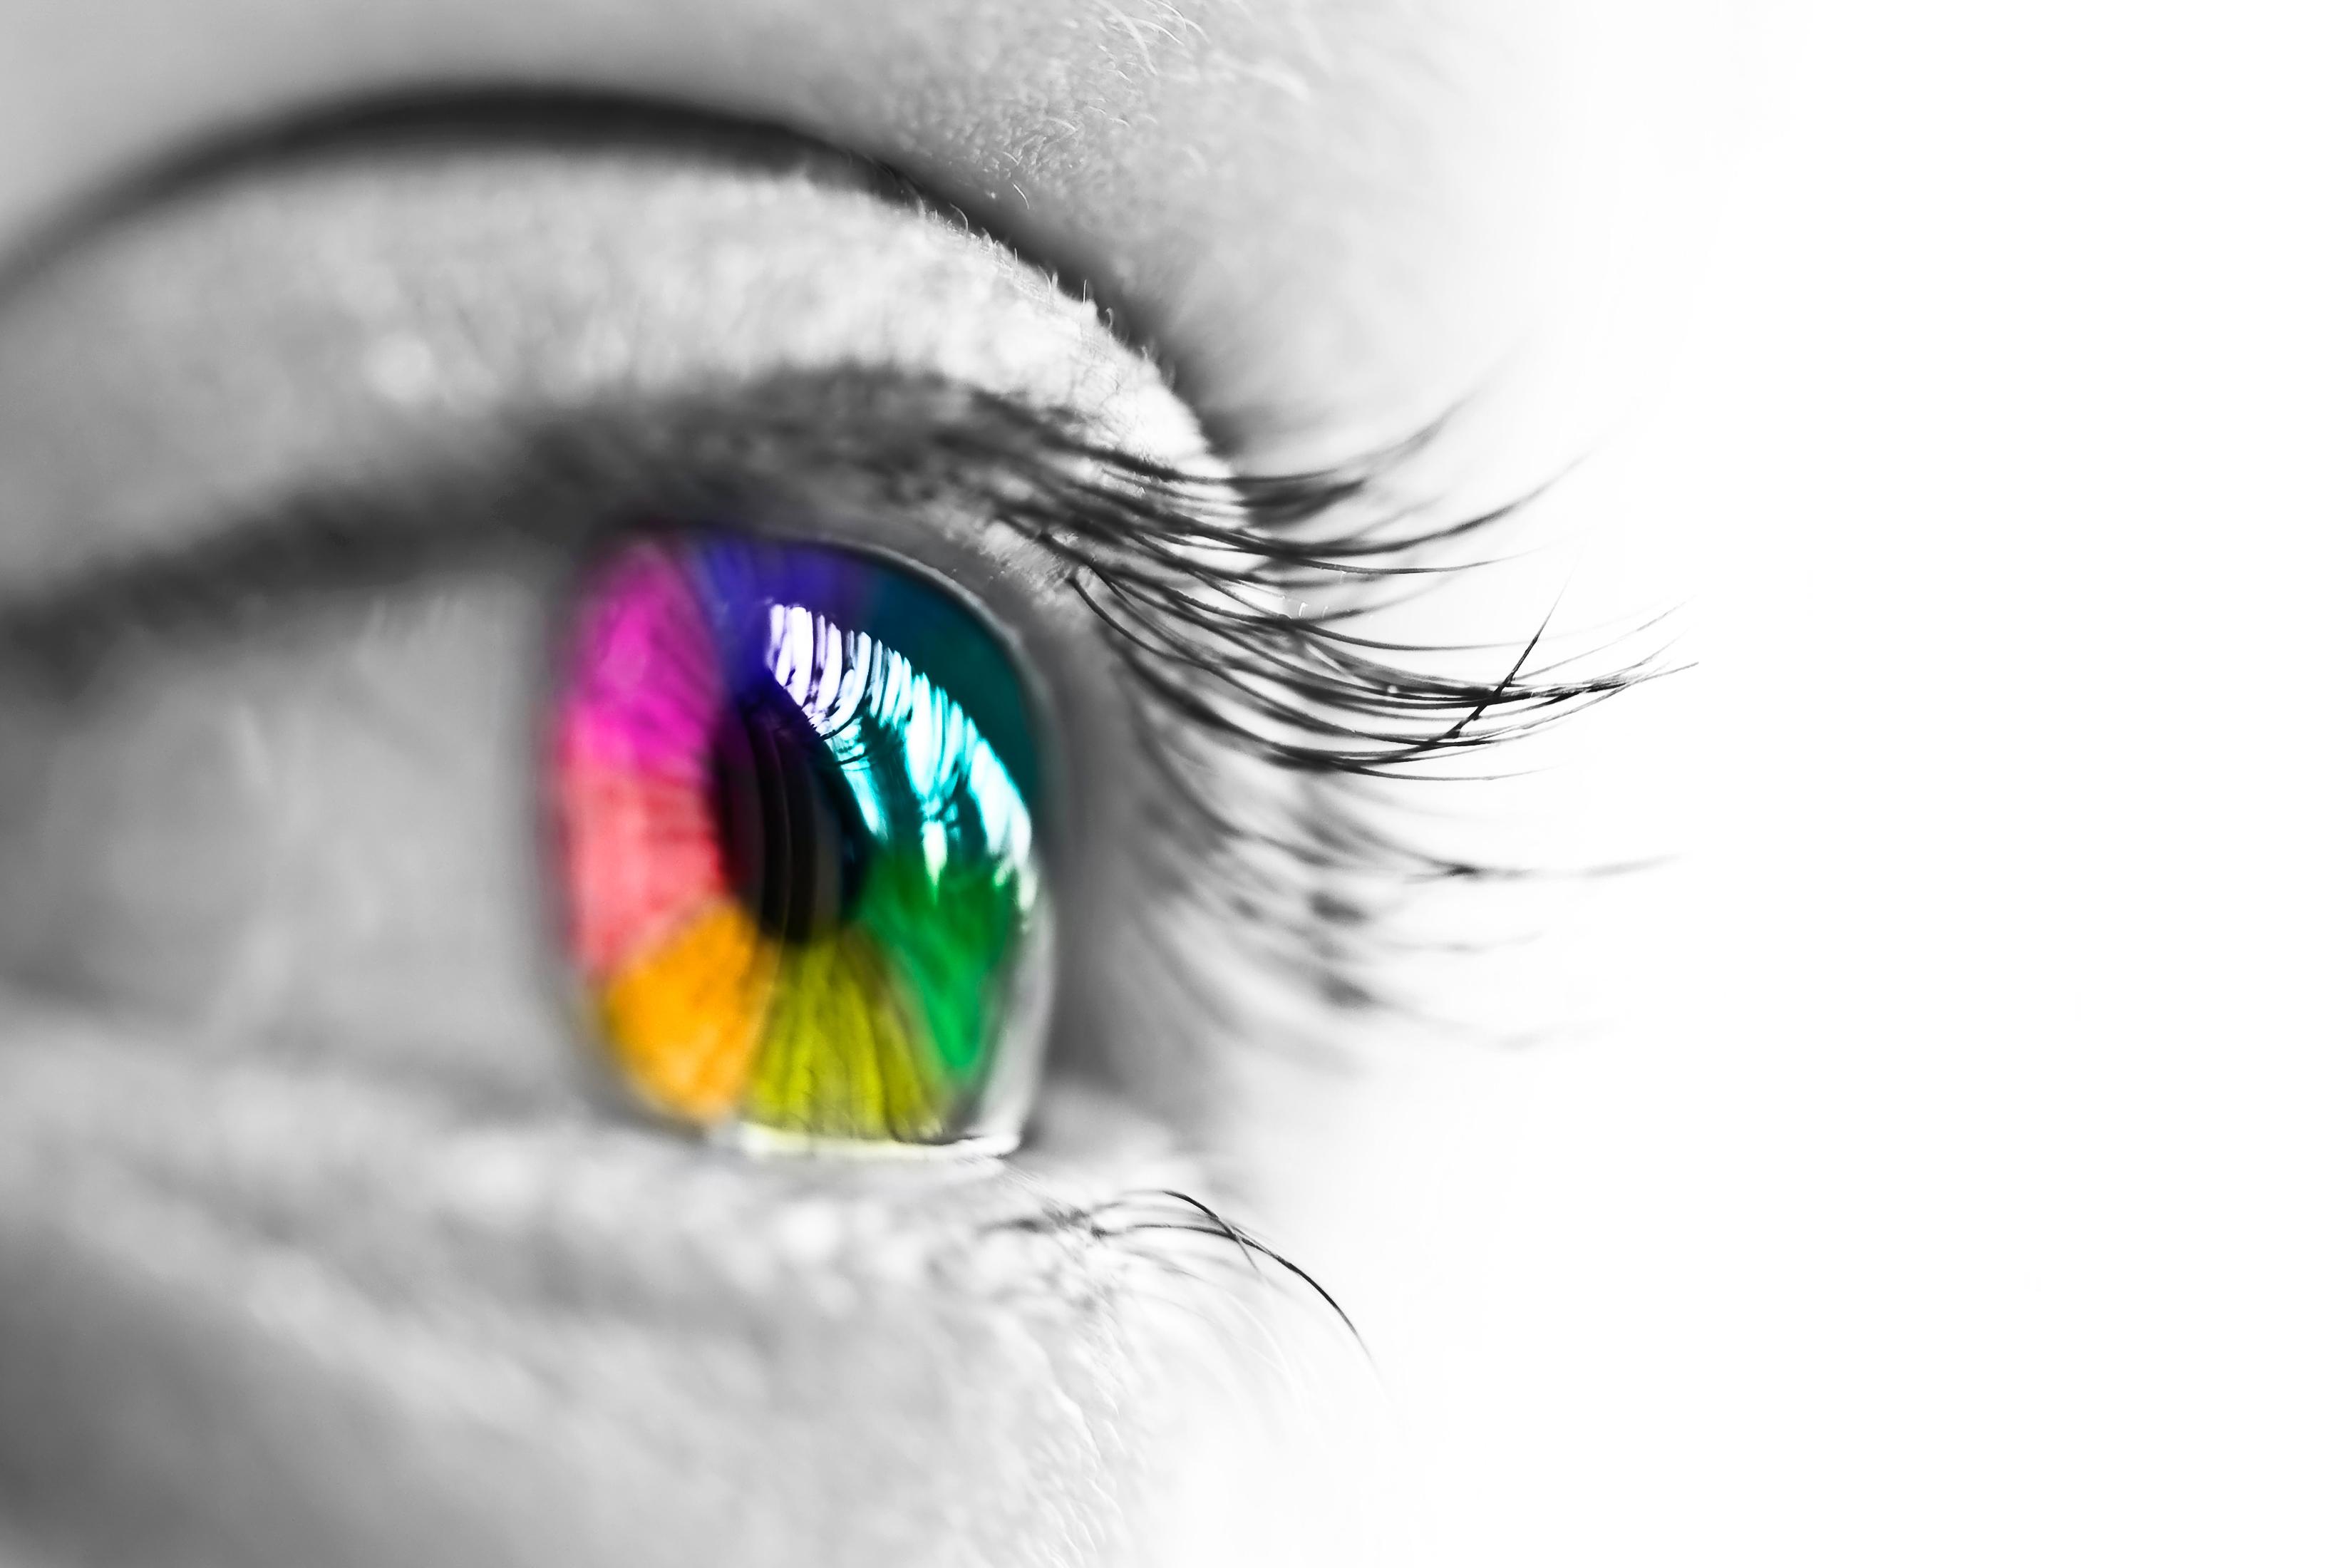 Ojo con iris arcoiris